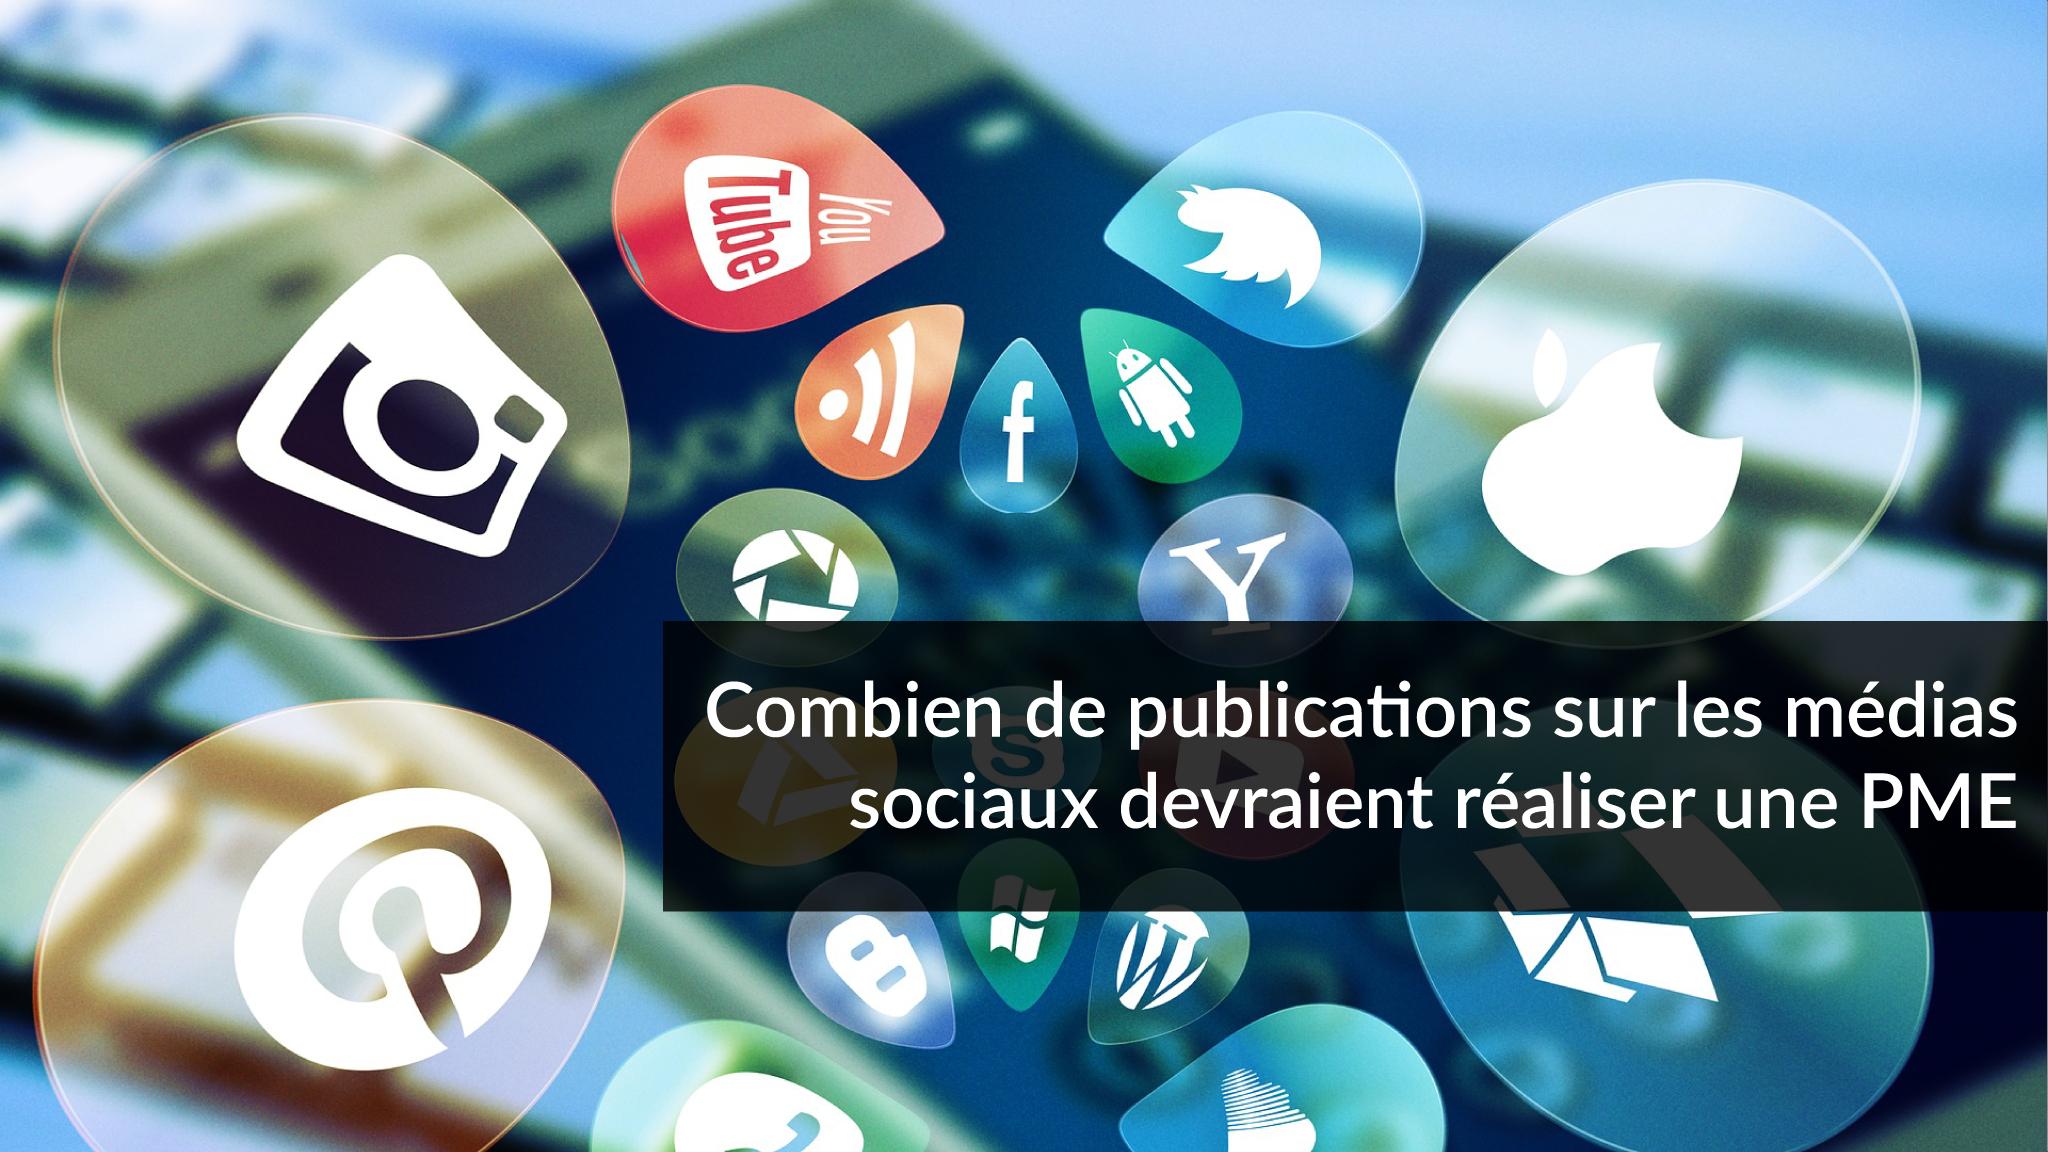 Combien de publications sur les médias sociaux devraient réaliser une PME | Studio Grafik